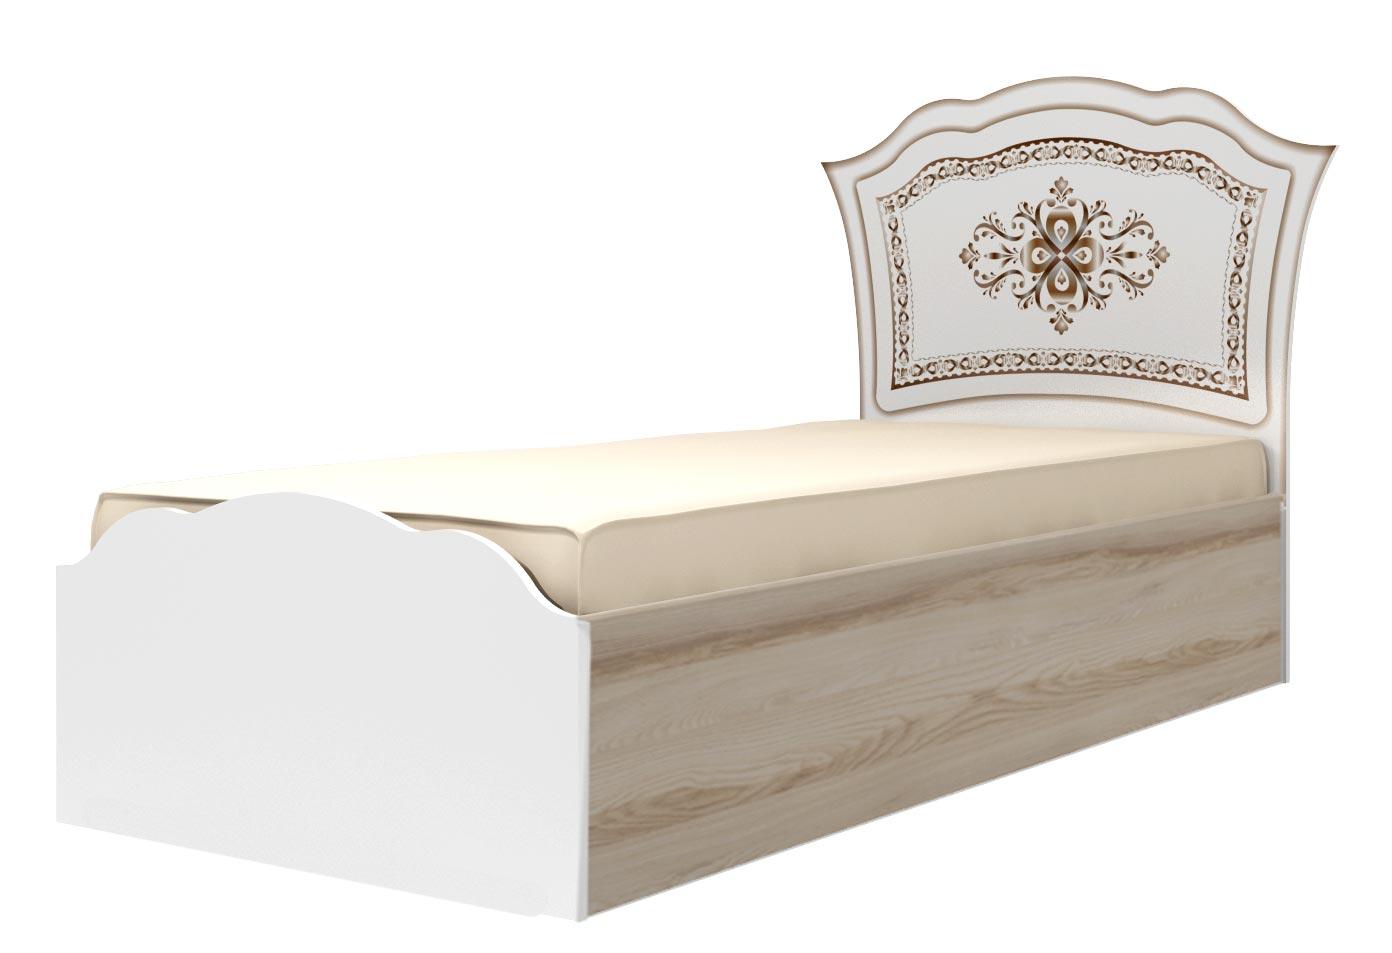 Кровать (90) Ижмебель Династия, мод. 23